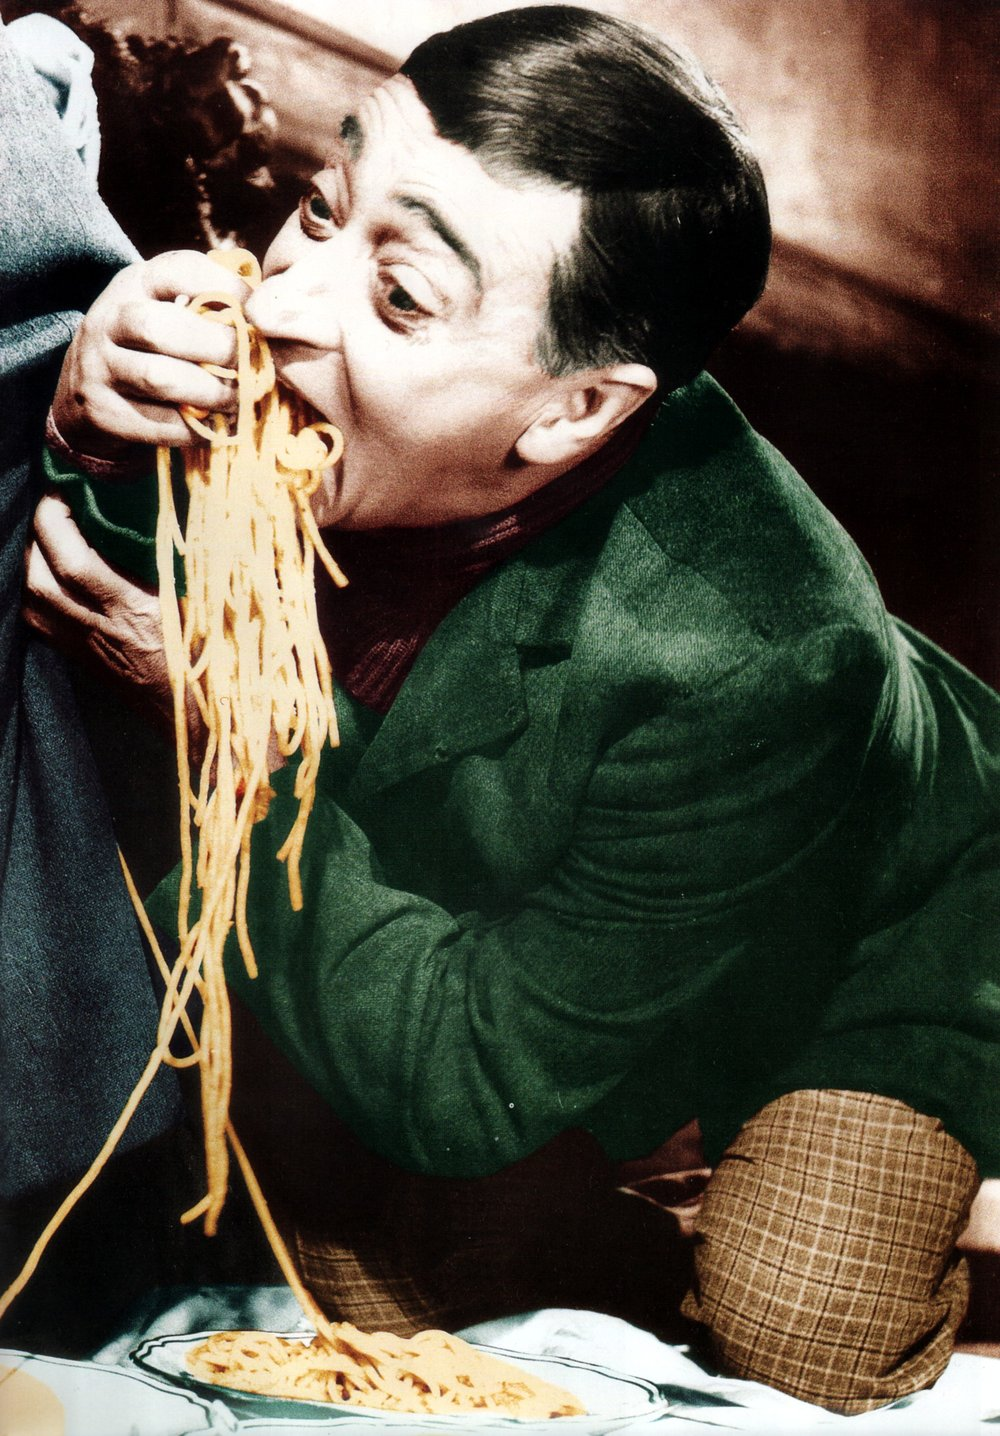 Spaghetti Naples